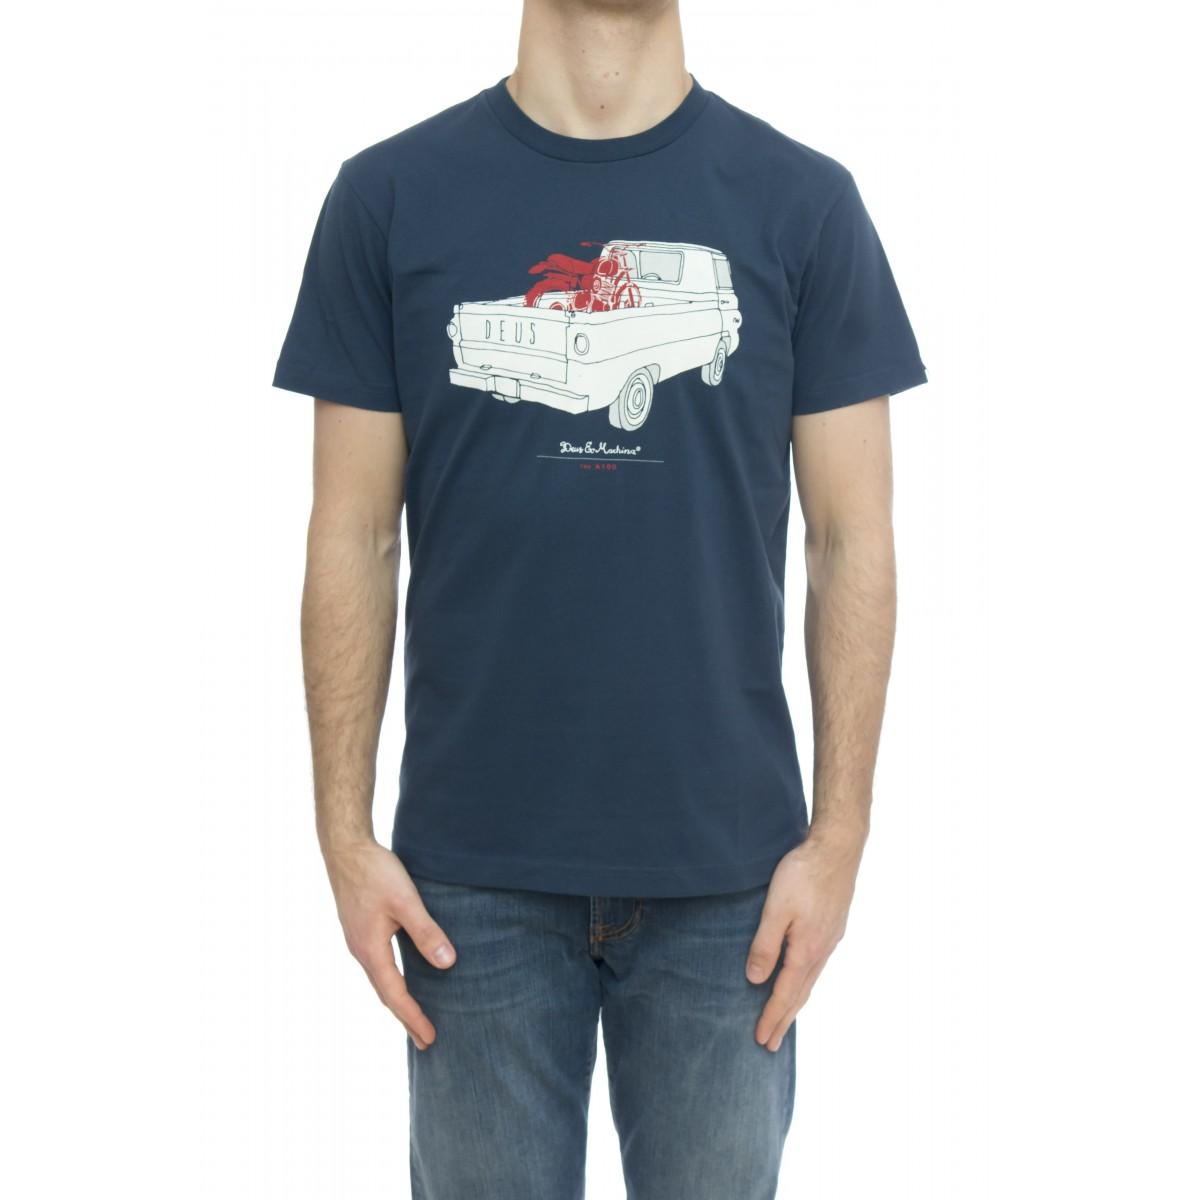 T-shirt - Tee0010